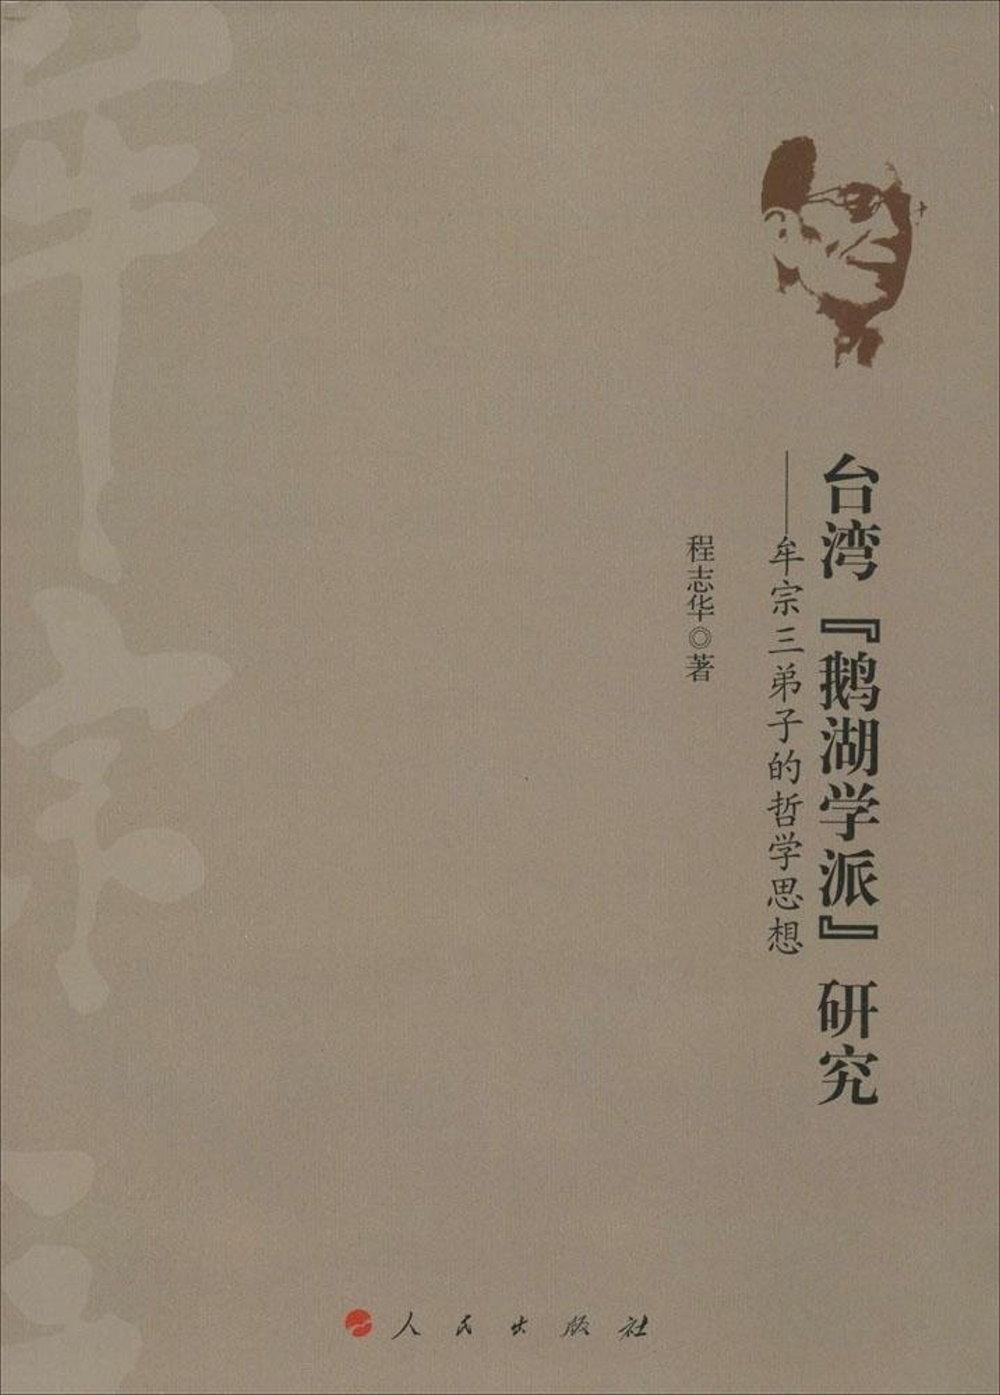 台灣「鵝湖學派」研究:牟宗三弟子的哲學思想